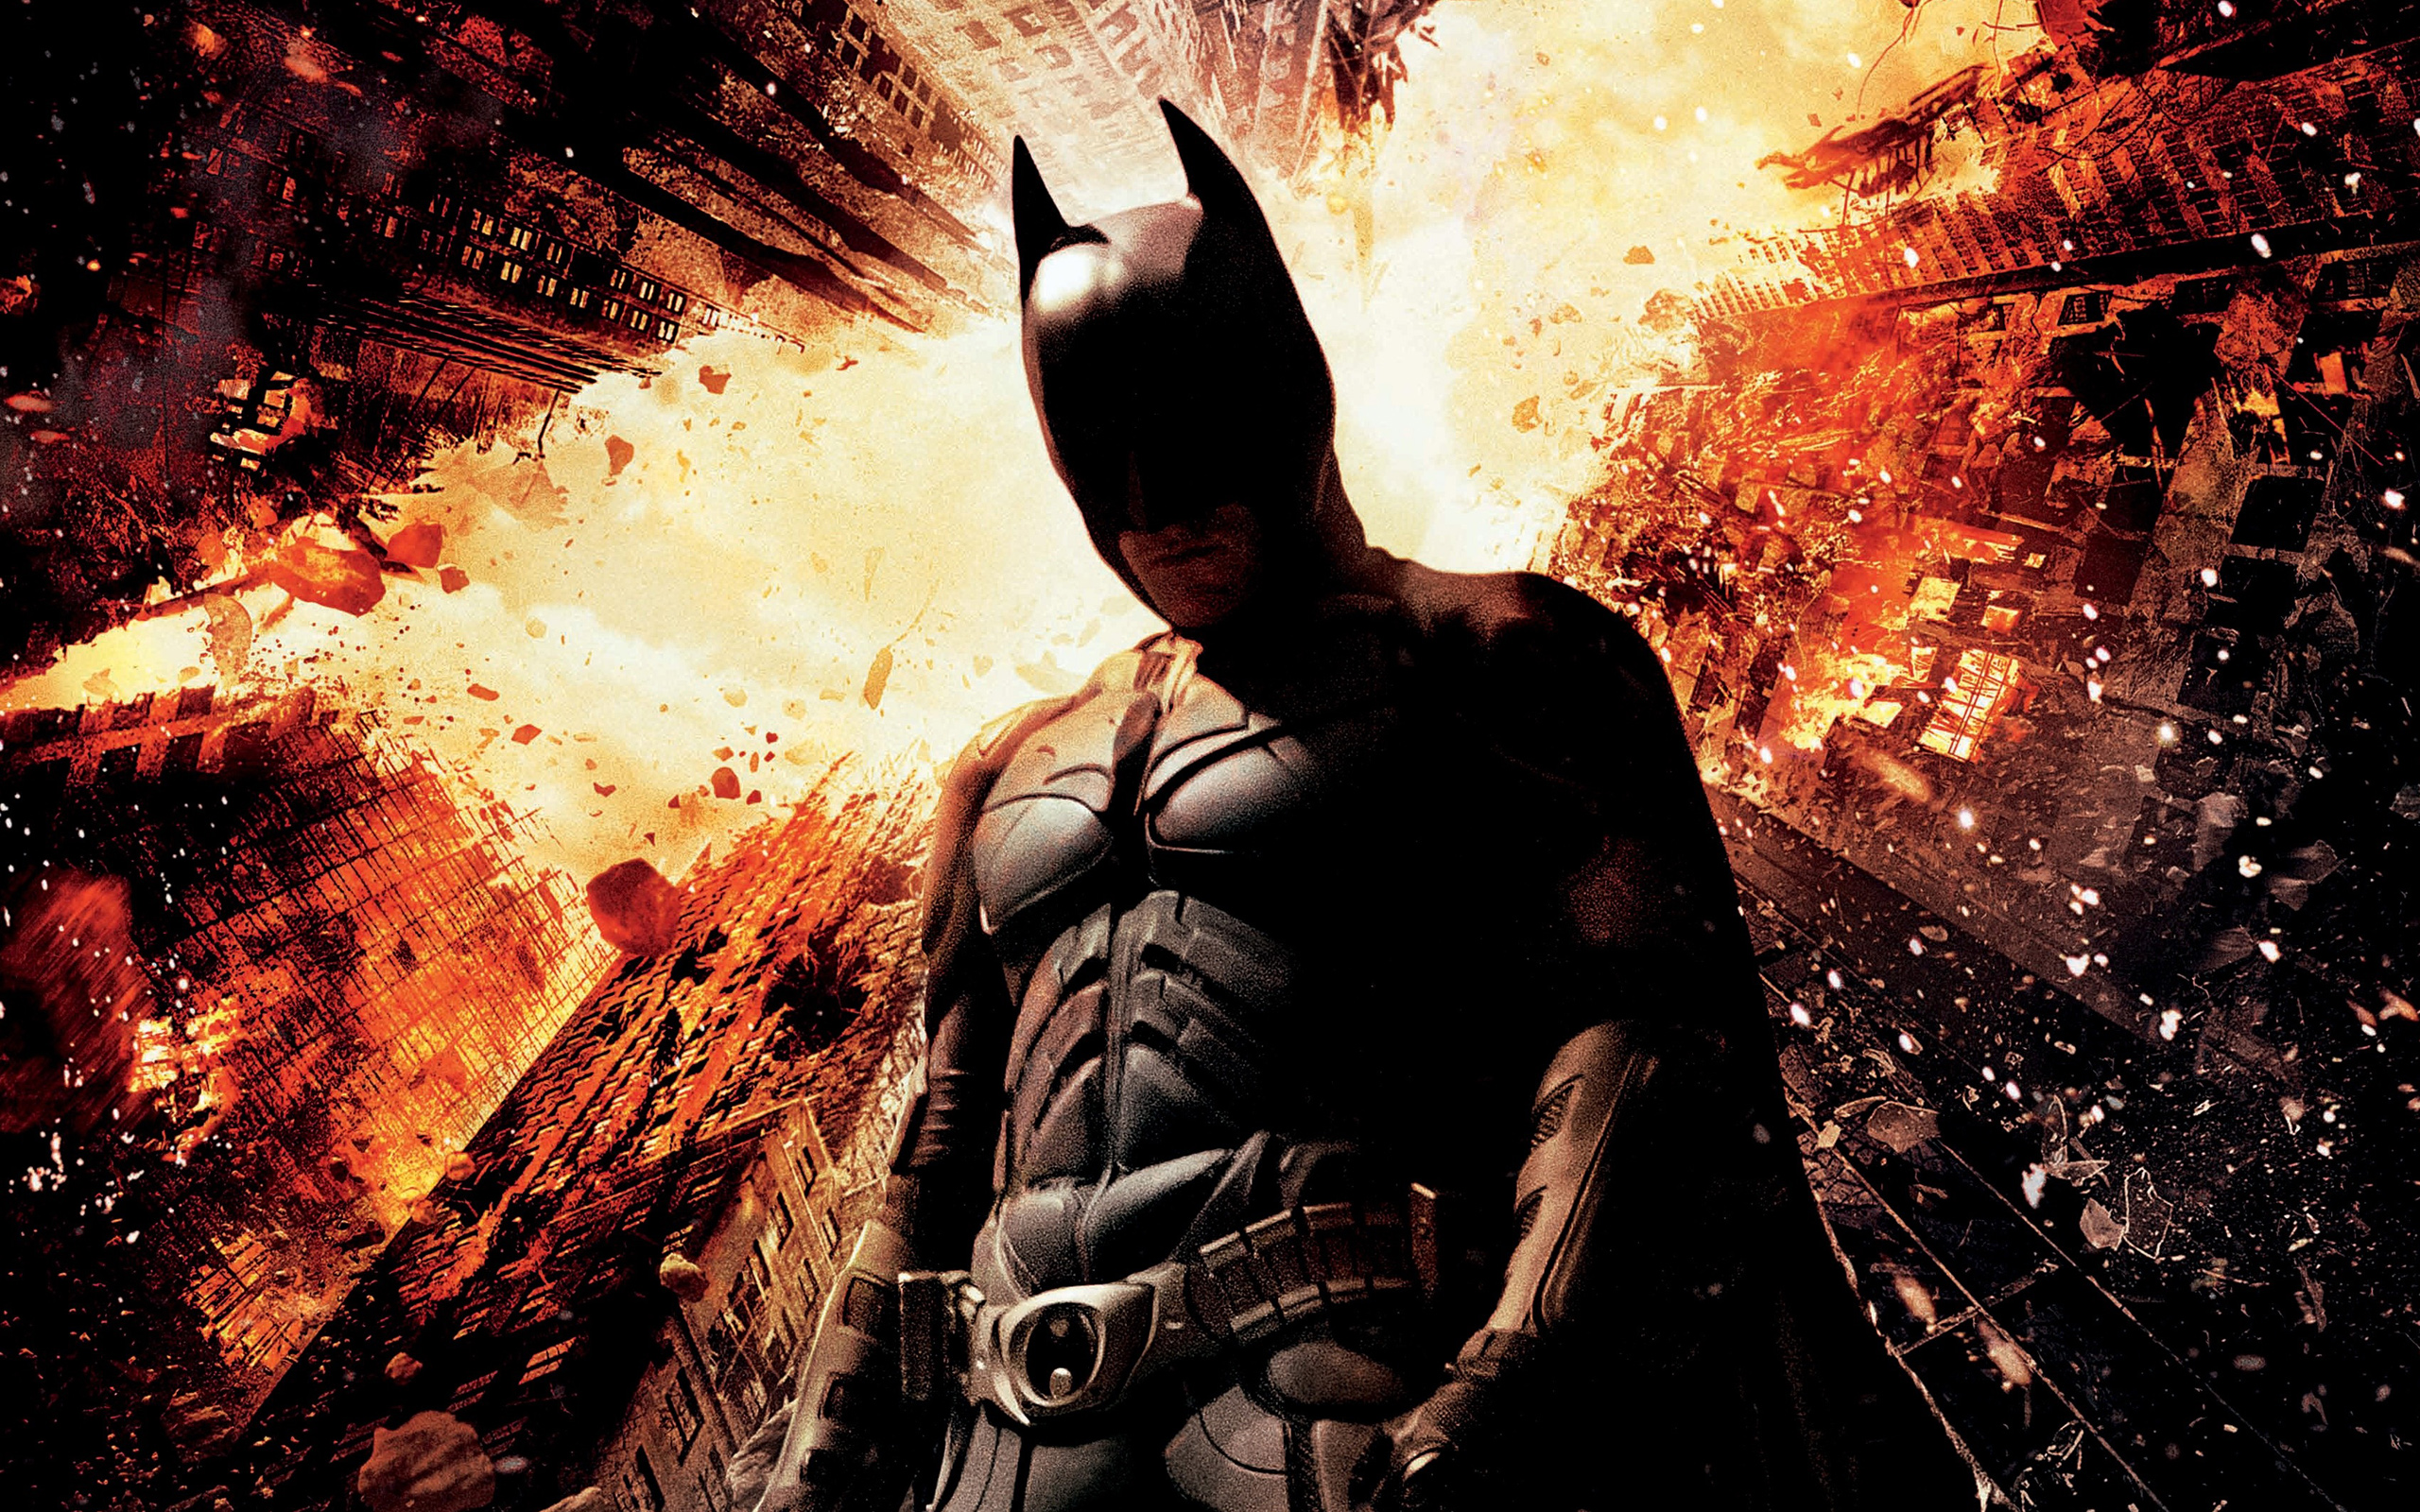 Il cavaliere oscuro: Nolan e Batman al loro meglio